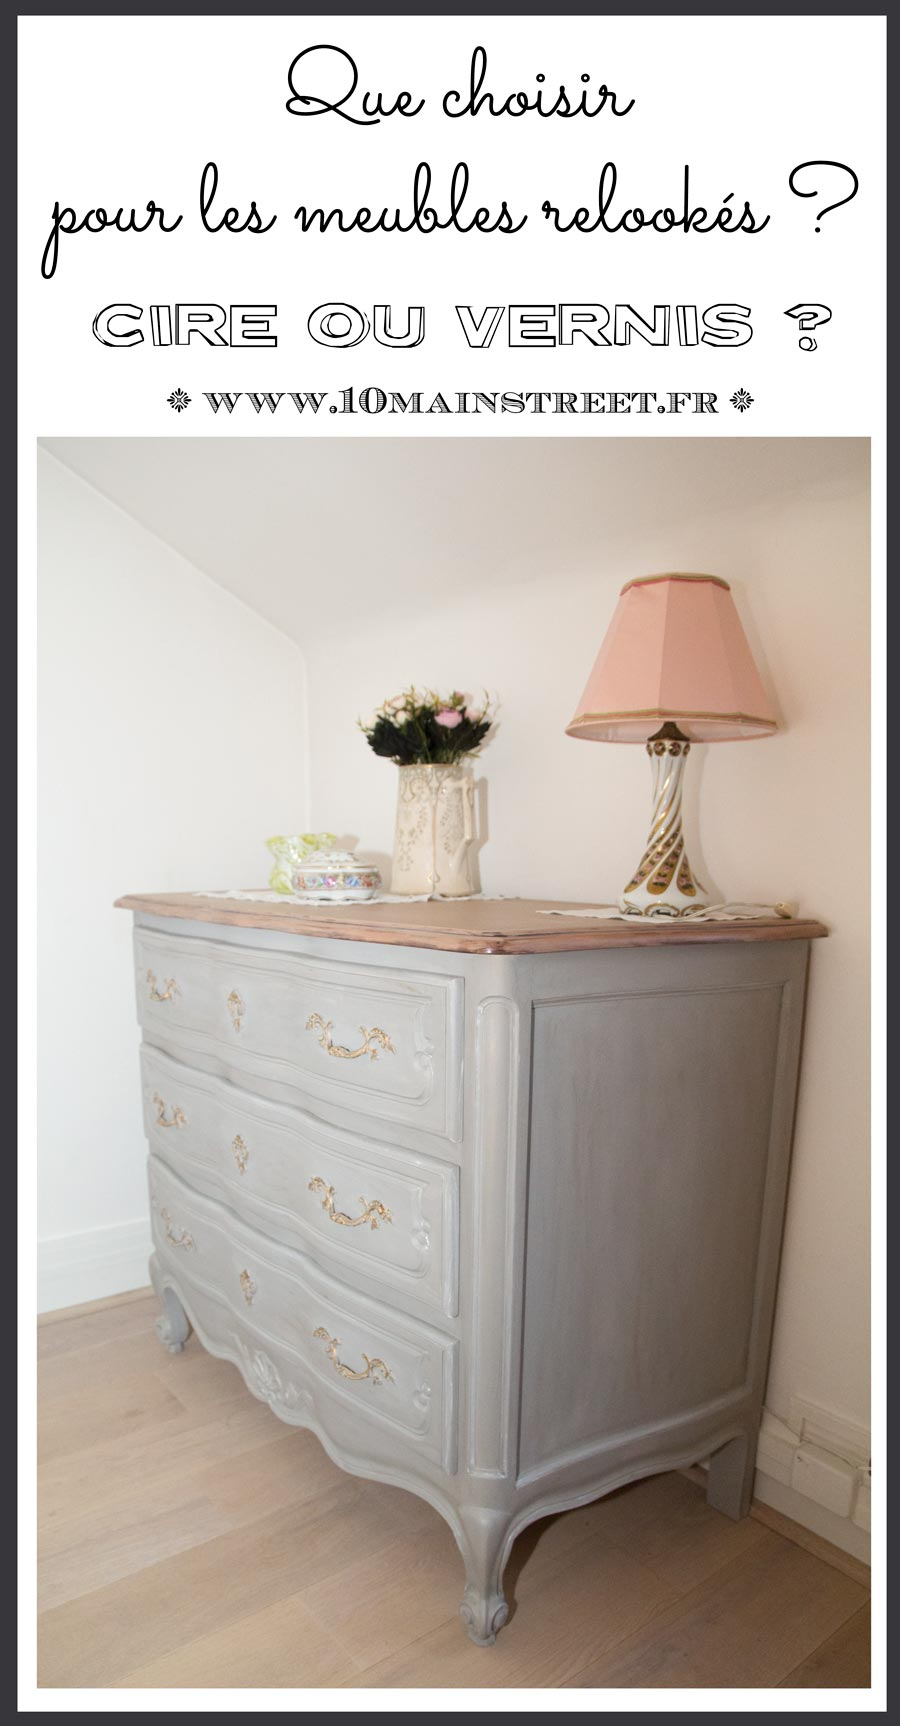 cire ou vernis que choisir pour les meubles relook s. Black Bedroom Furniture Sets. Home Design Ideas